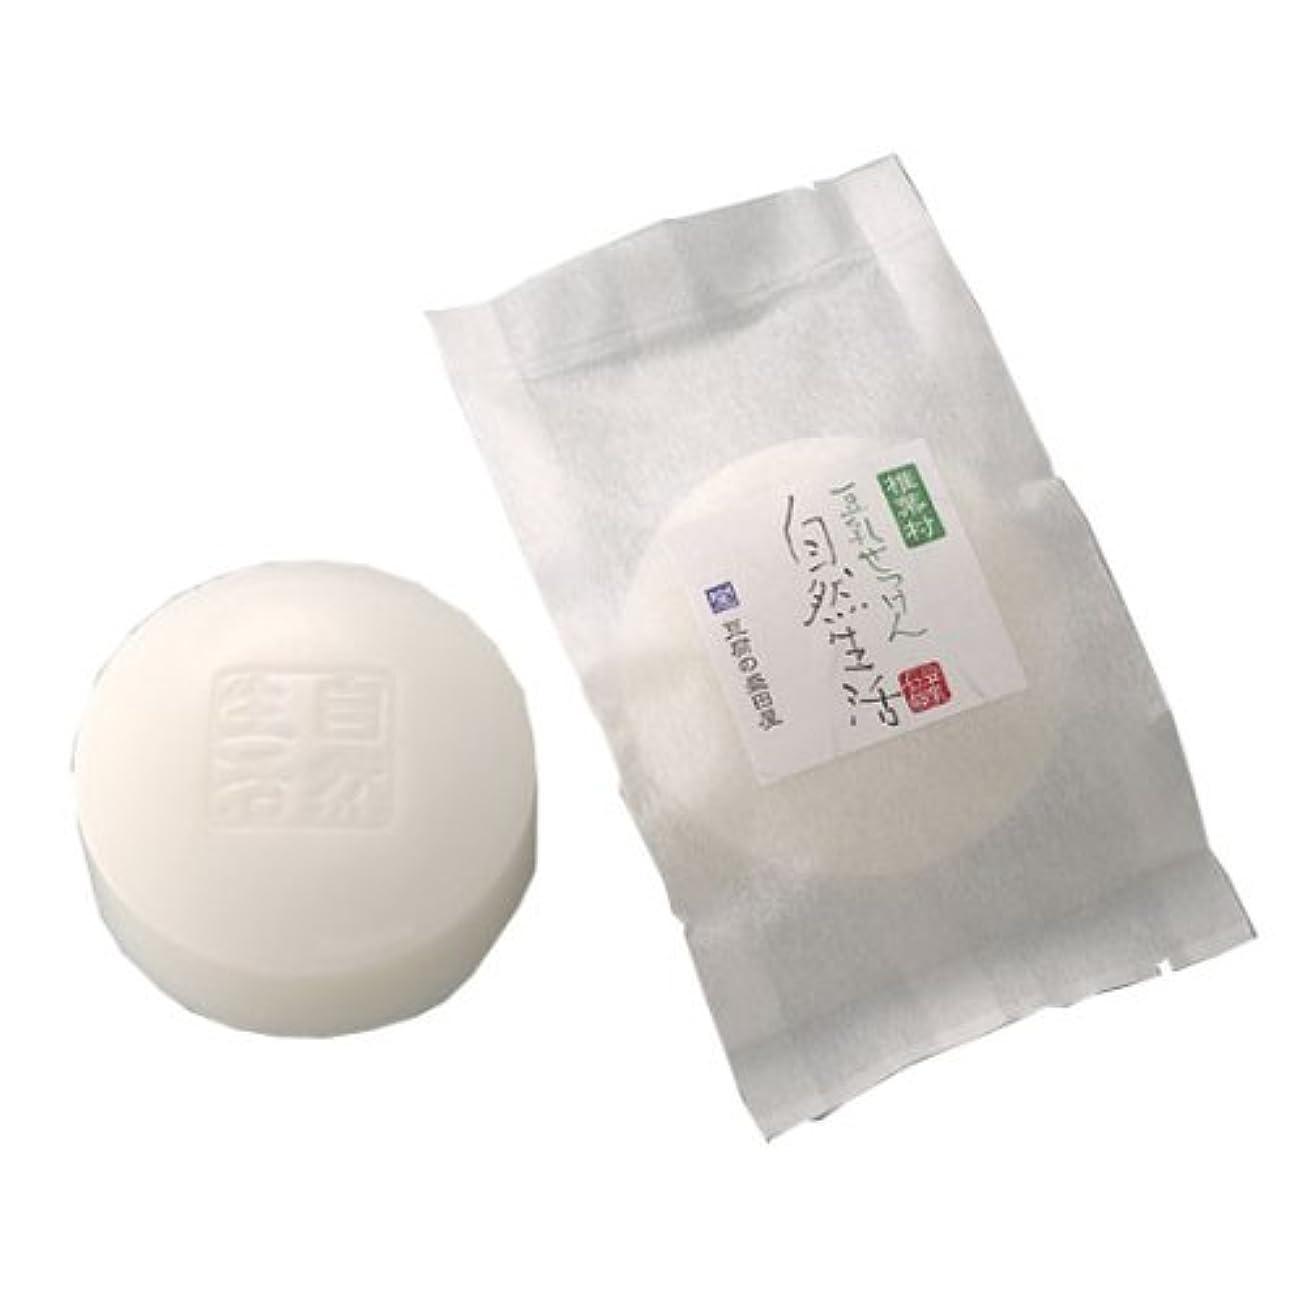 青写真消化マカダム豆腐の盛田屋 豆乳せっけん 100g